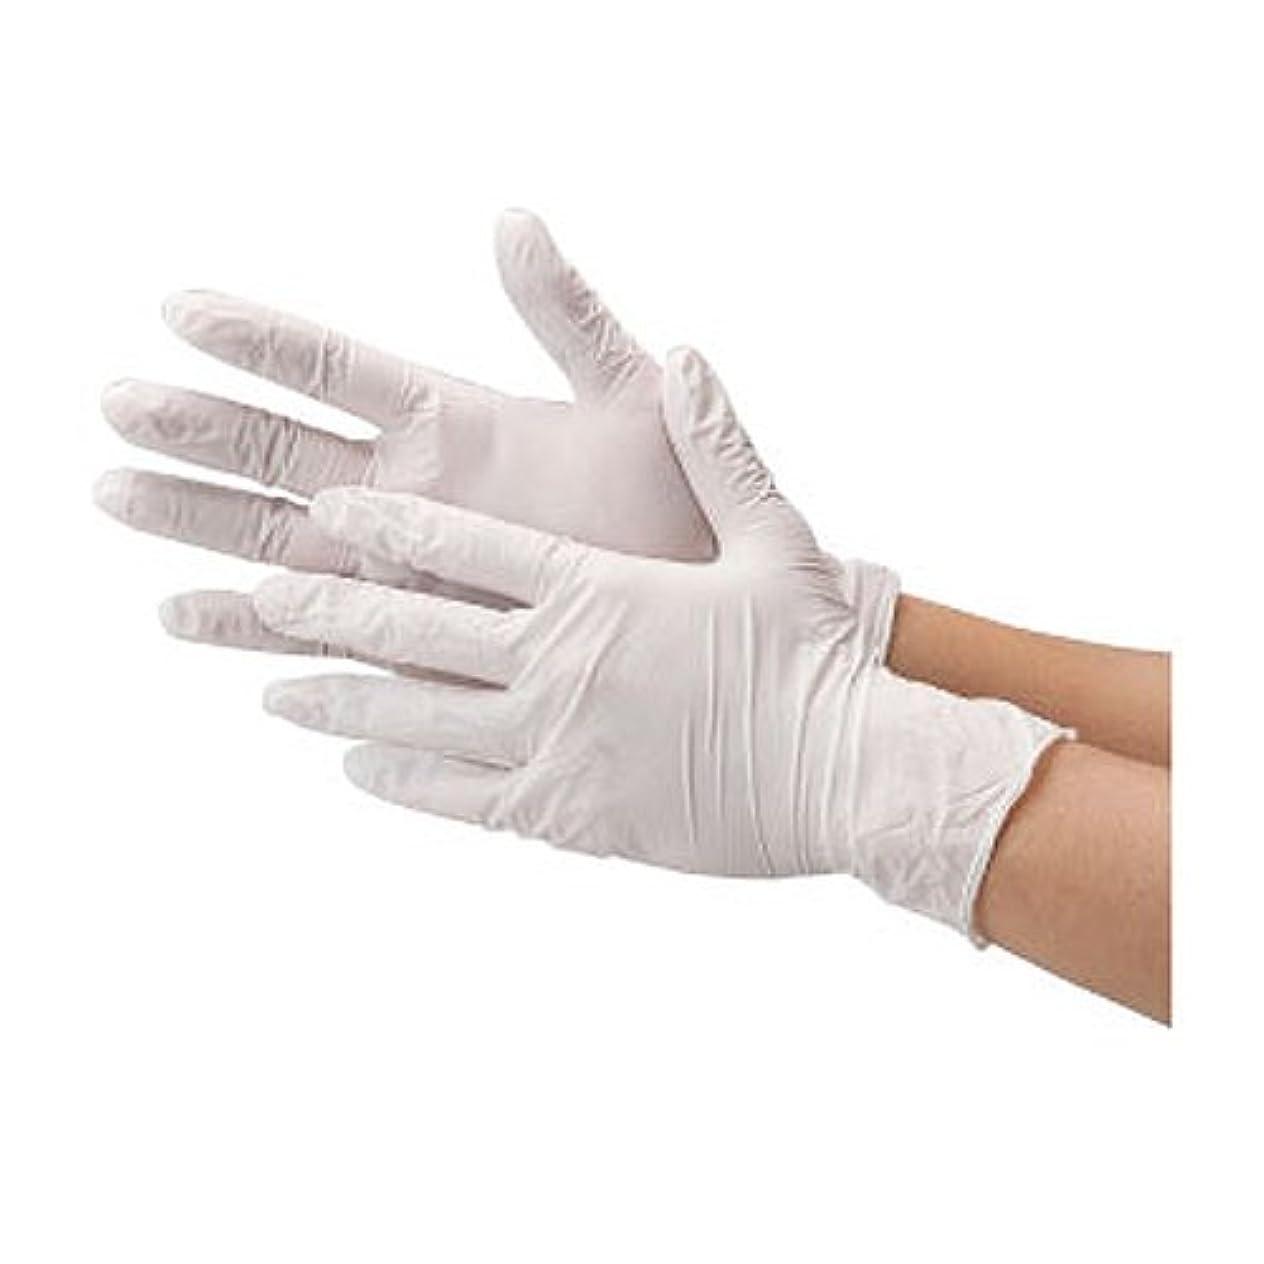 極地異形失態川西工業 ニトリル 使いきり手袋 ストロング 粉無 100枚入り 2037 ホワイトS